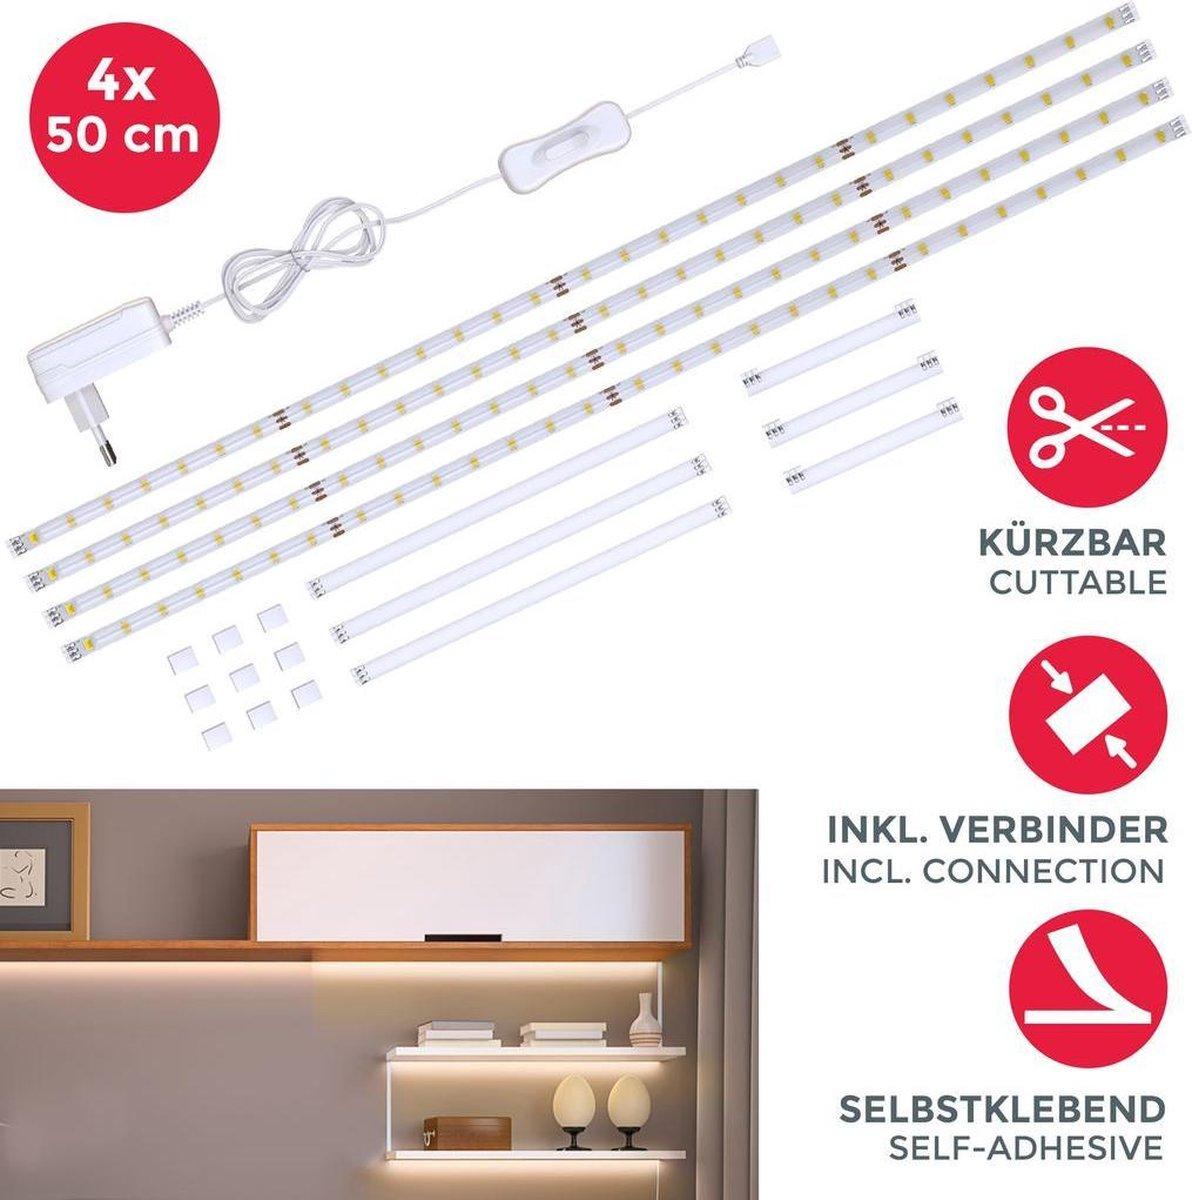 B.K.Licht - LED strips - 4x 50cm - met schakelaar - siliconencoating - keukenverlichting - zelfklevend